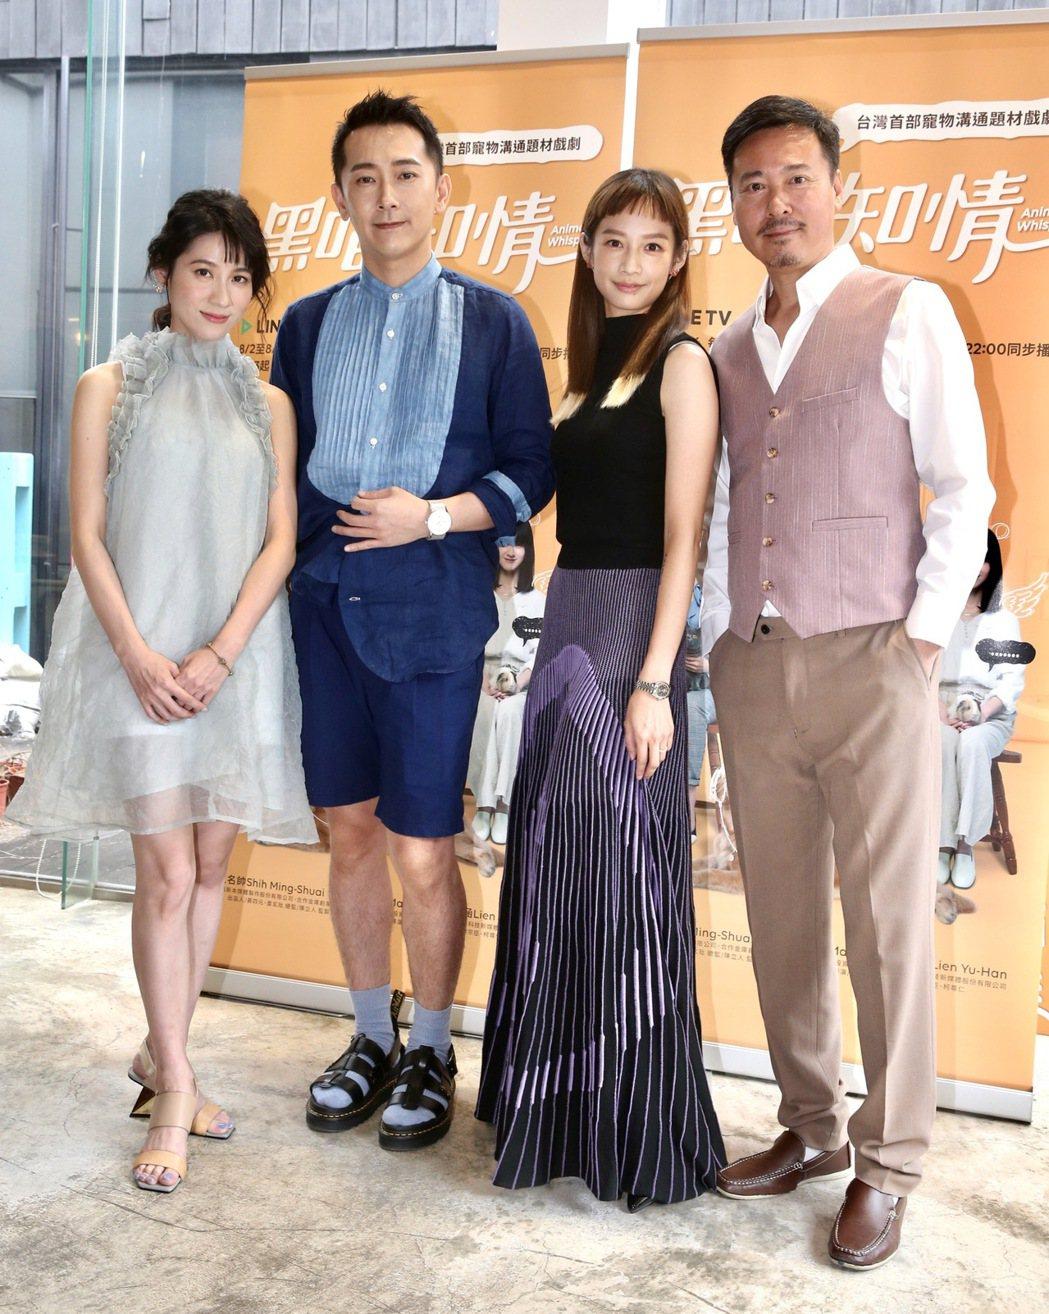 連俞涵(左起)、施名帥、簡嫚書、尹昭德出席「黑喵知情」媒體茶敘。記者黃義書/攝影